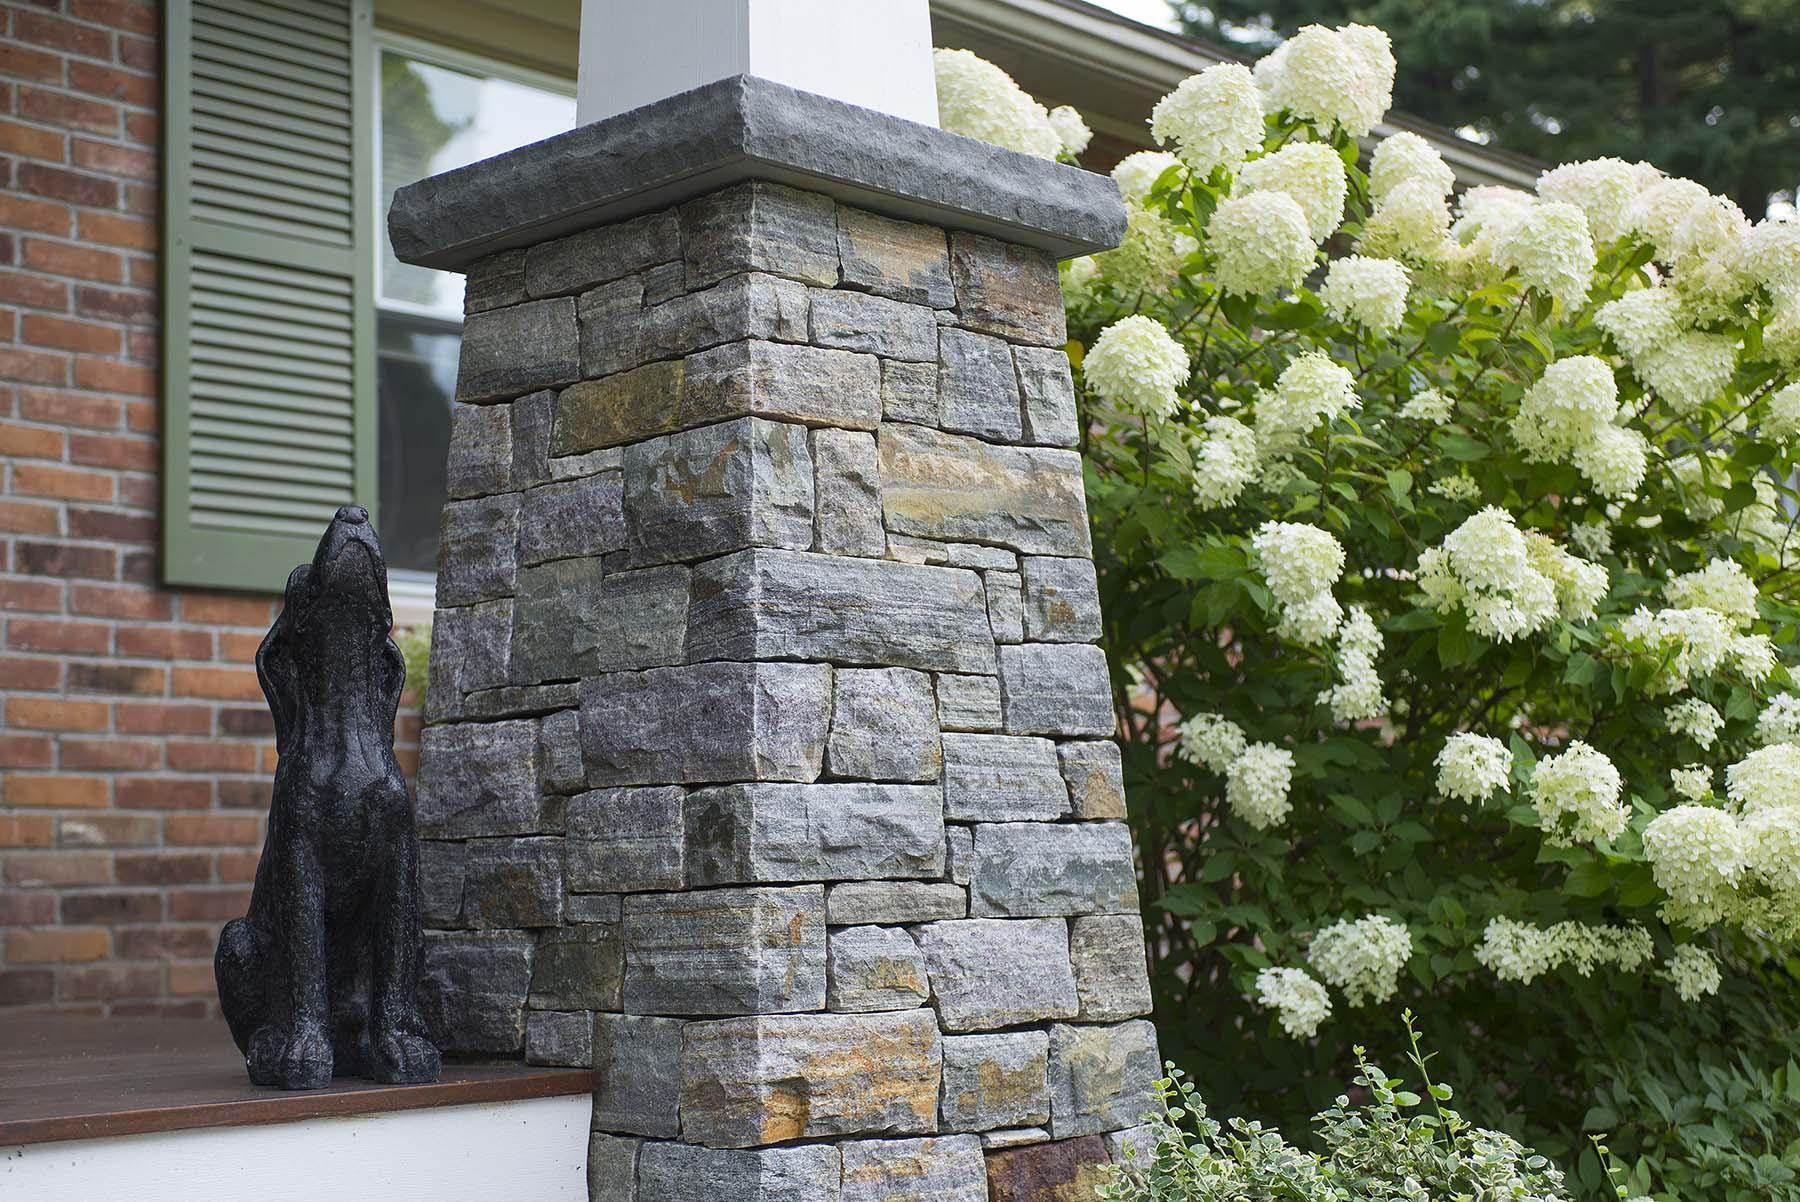 saratoga granite natural stone column for porch